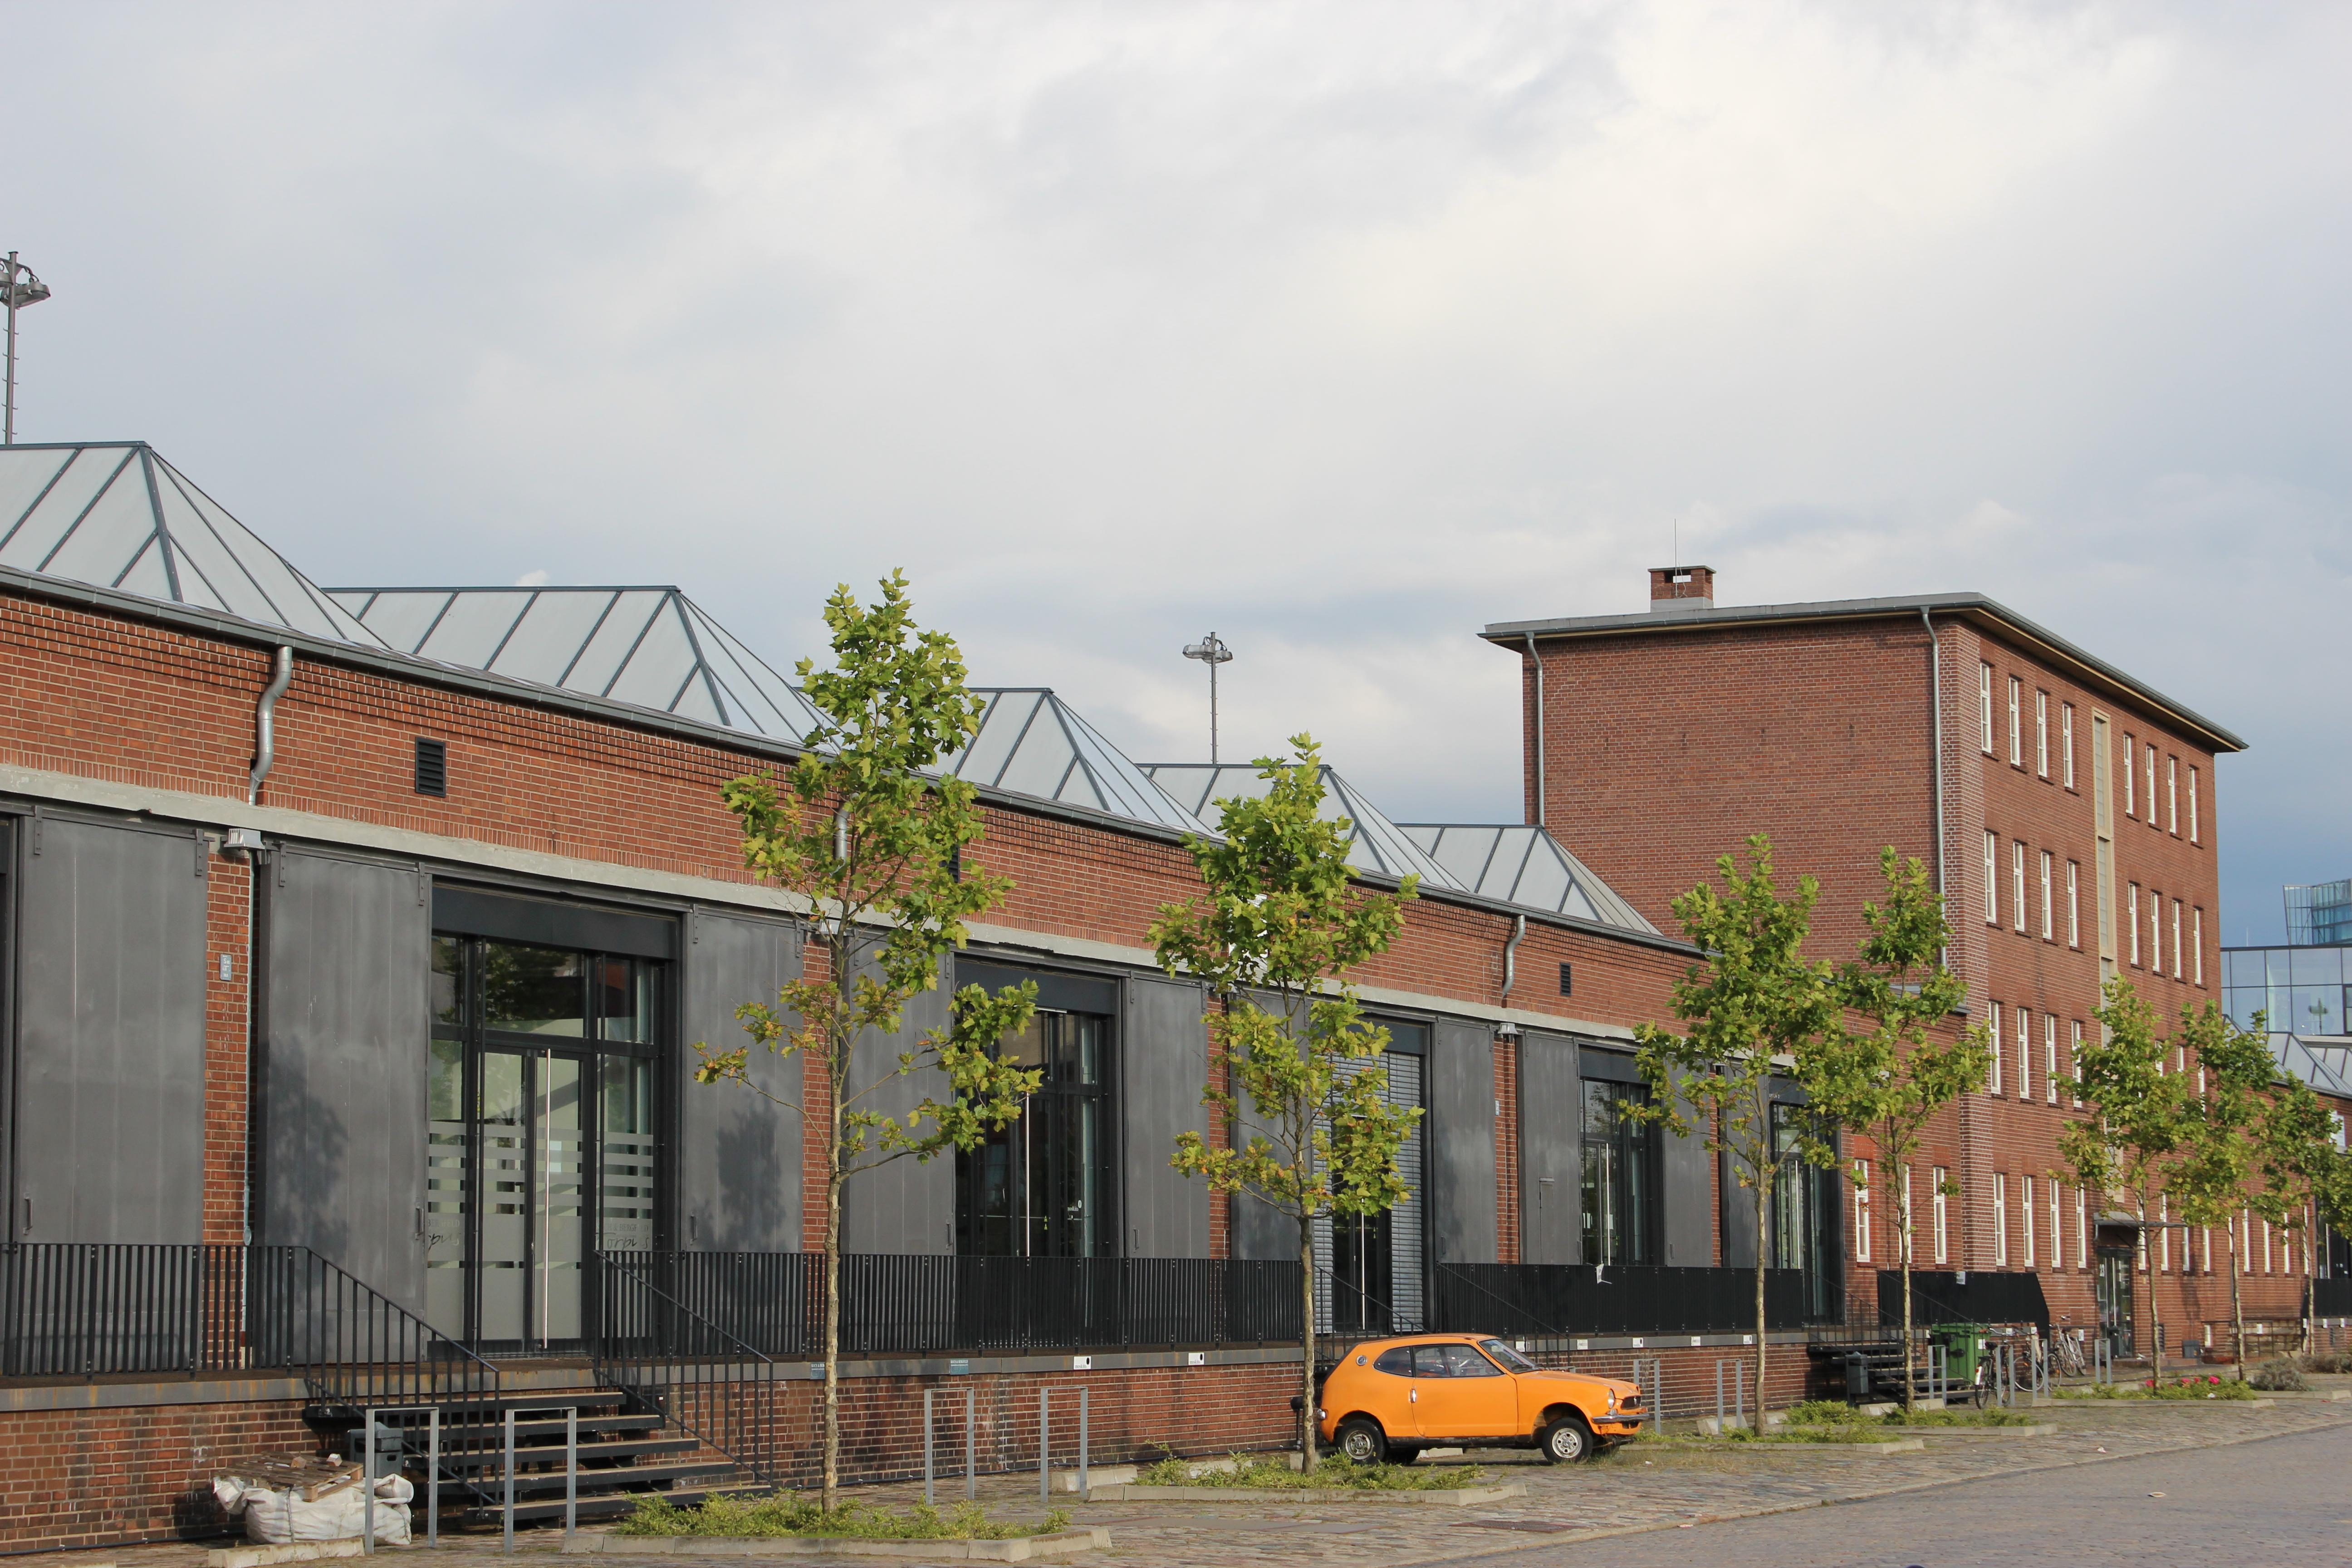 Datei:Schuppen 2 in Bremen, Hoerneckestraße 2.jpg – Wikipedia